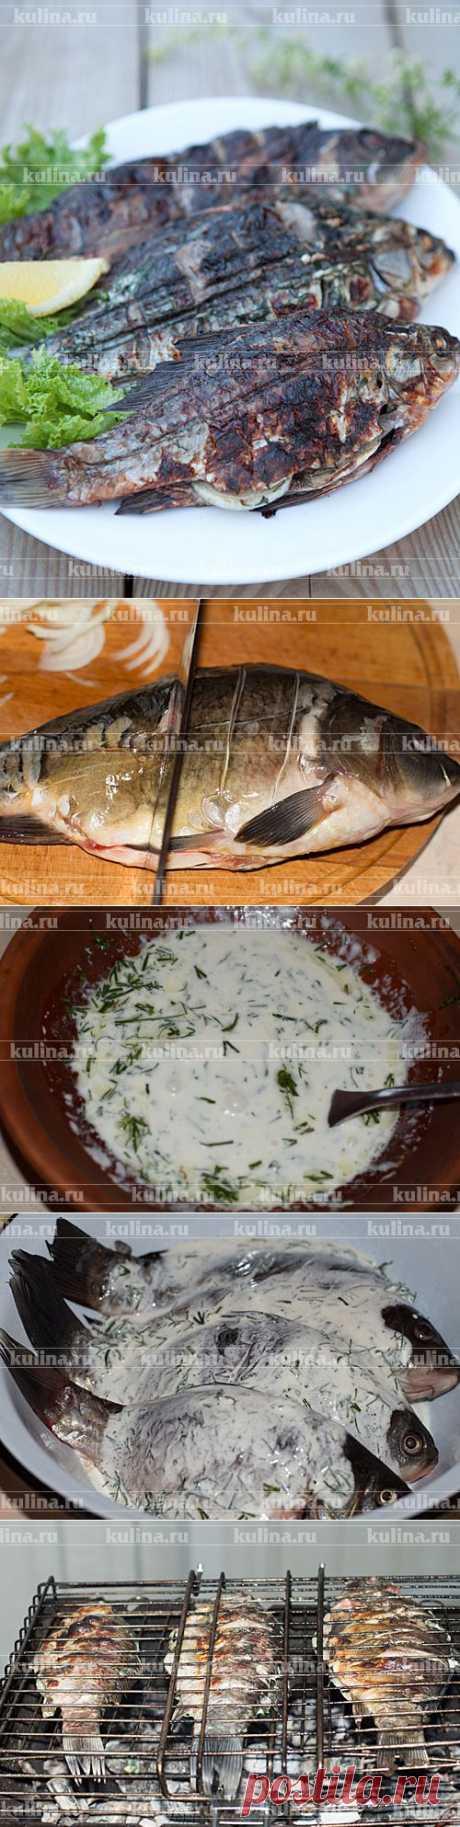 Рыба на мангале – рецепт приготовления с фото от Kulina.Ru